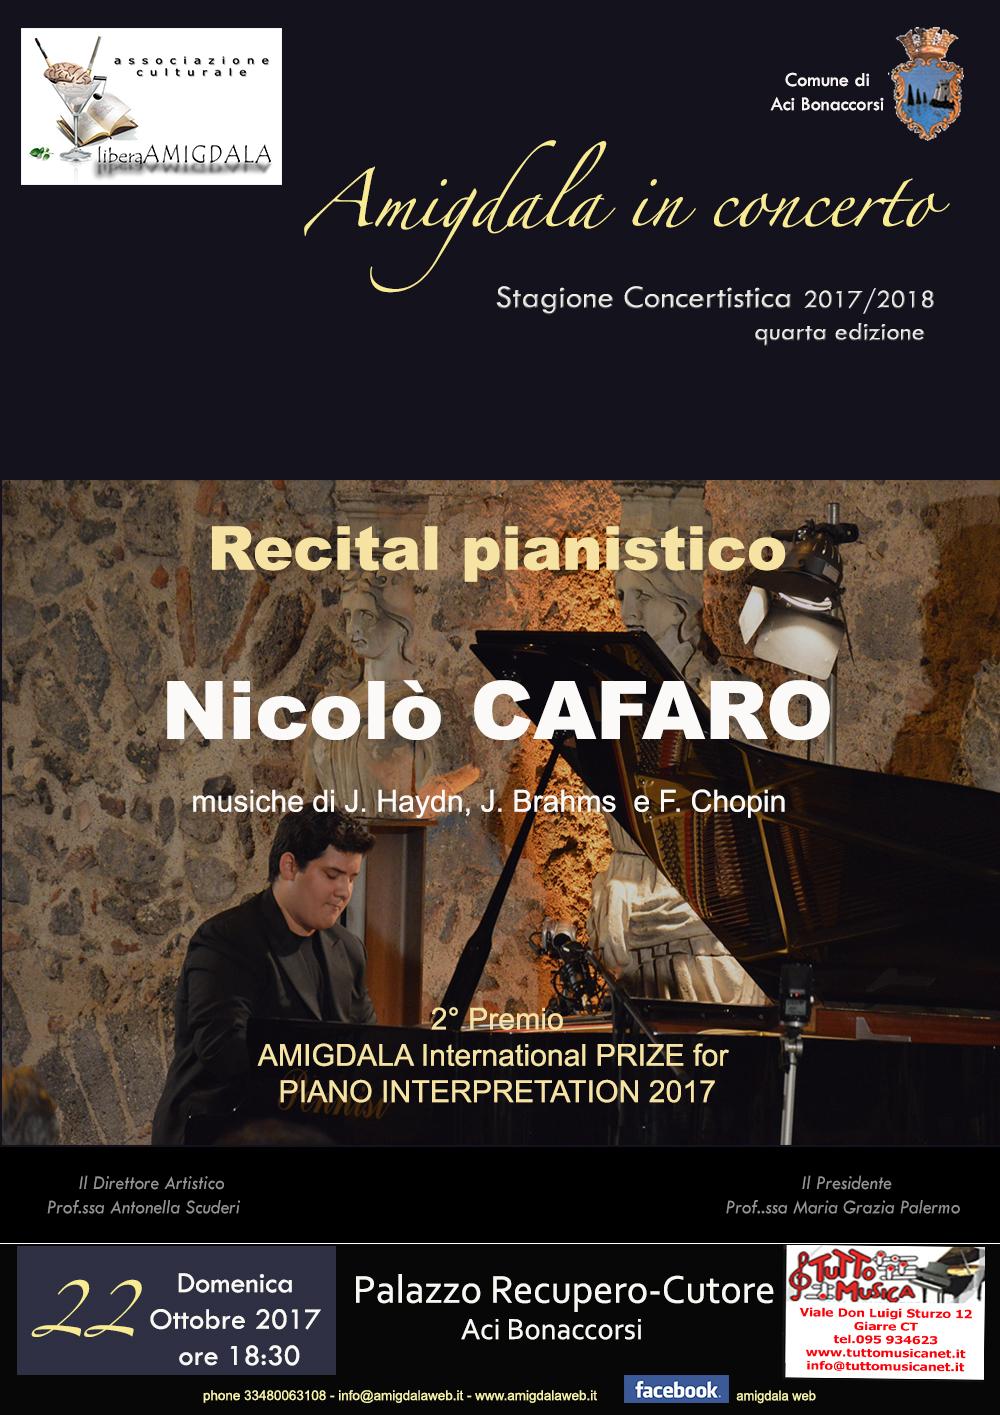 Ass. Amigdala. Recital pianistico di Nicolò Cafaro